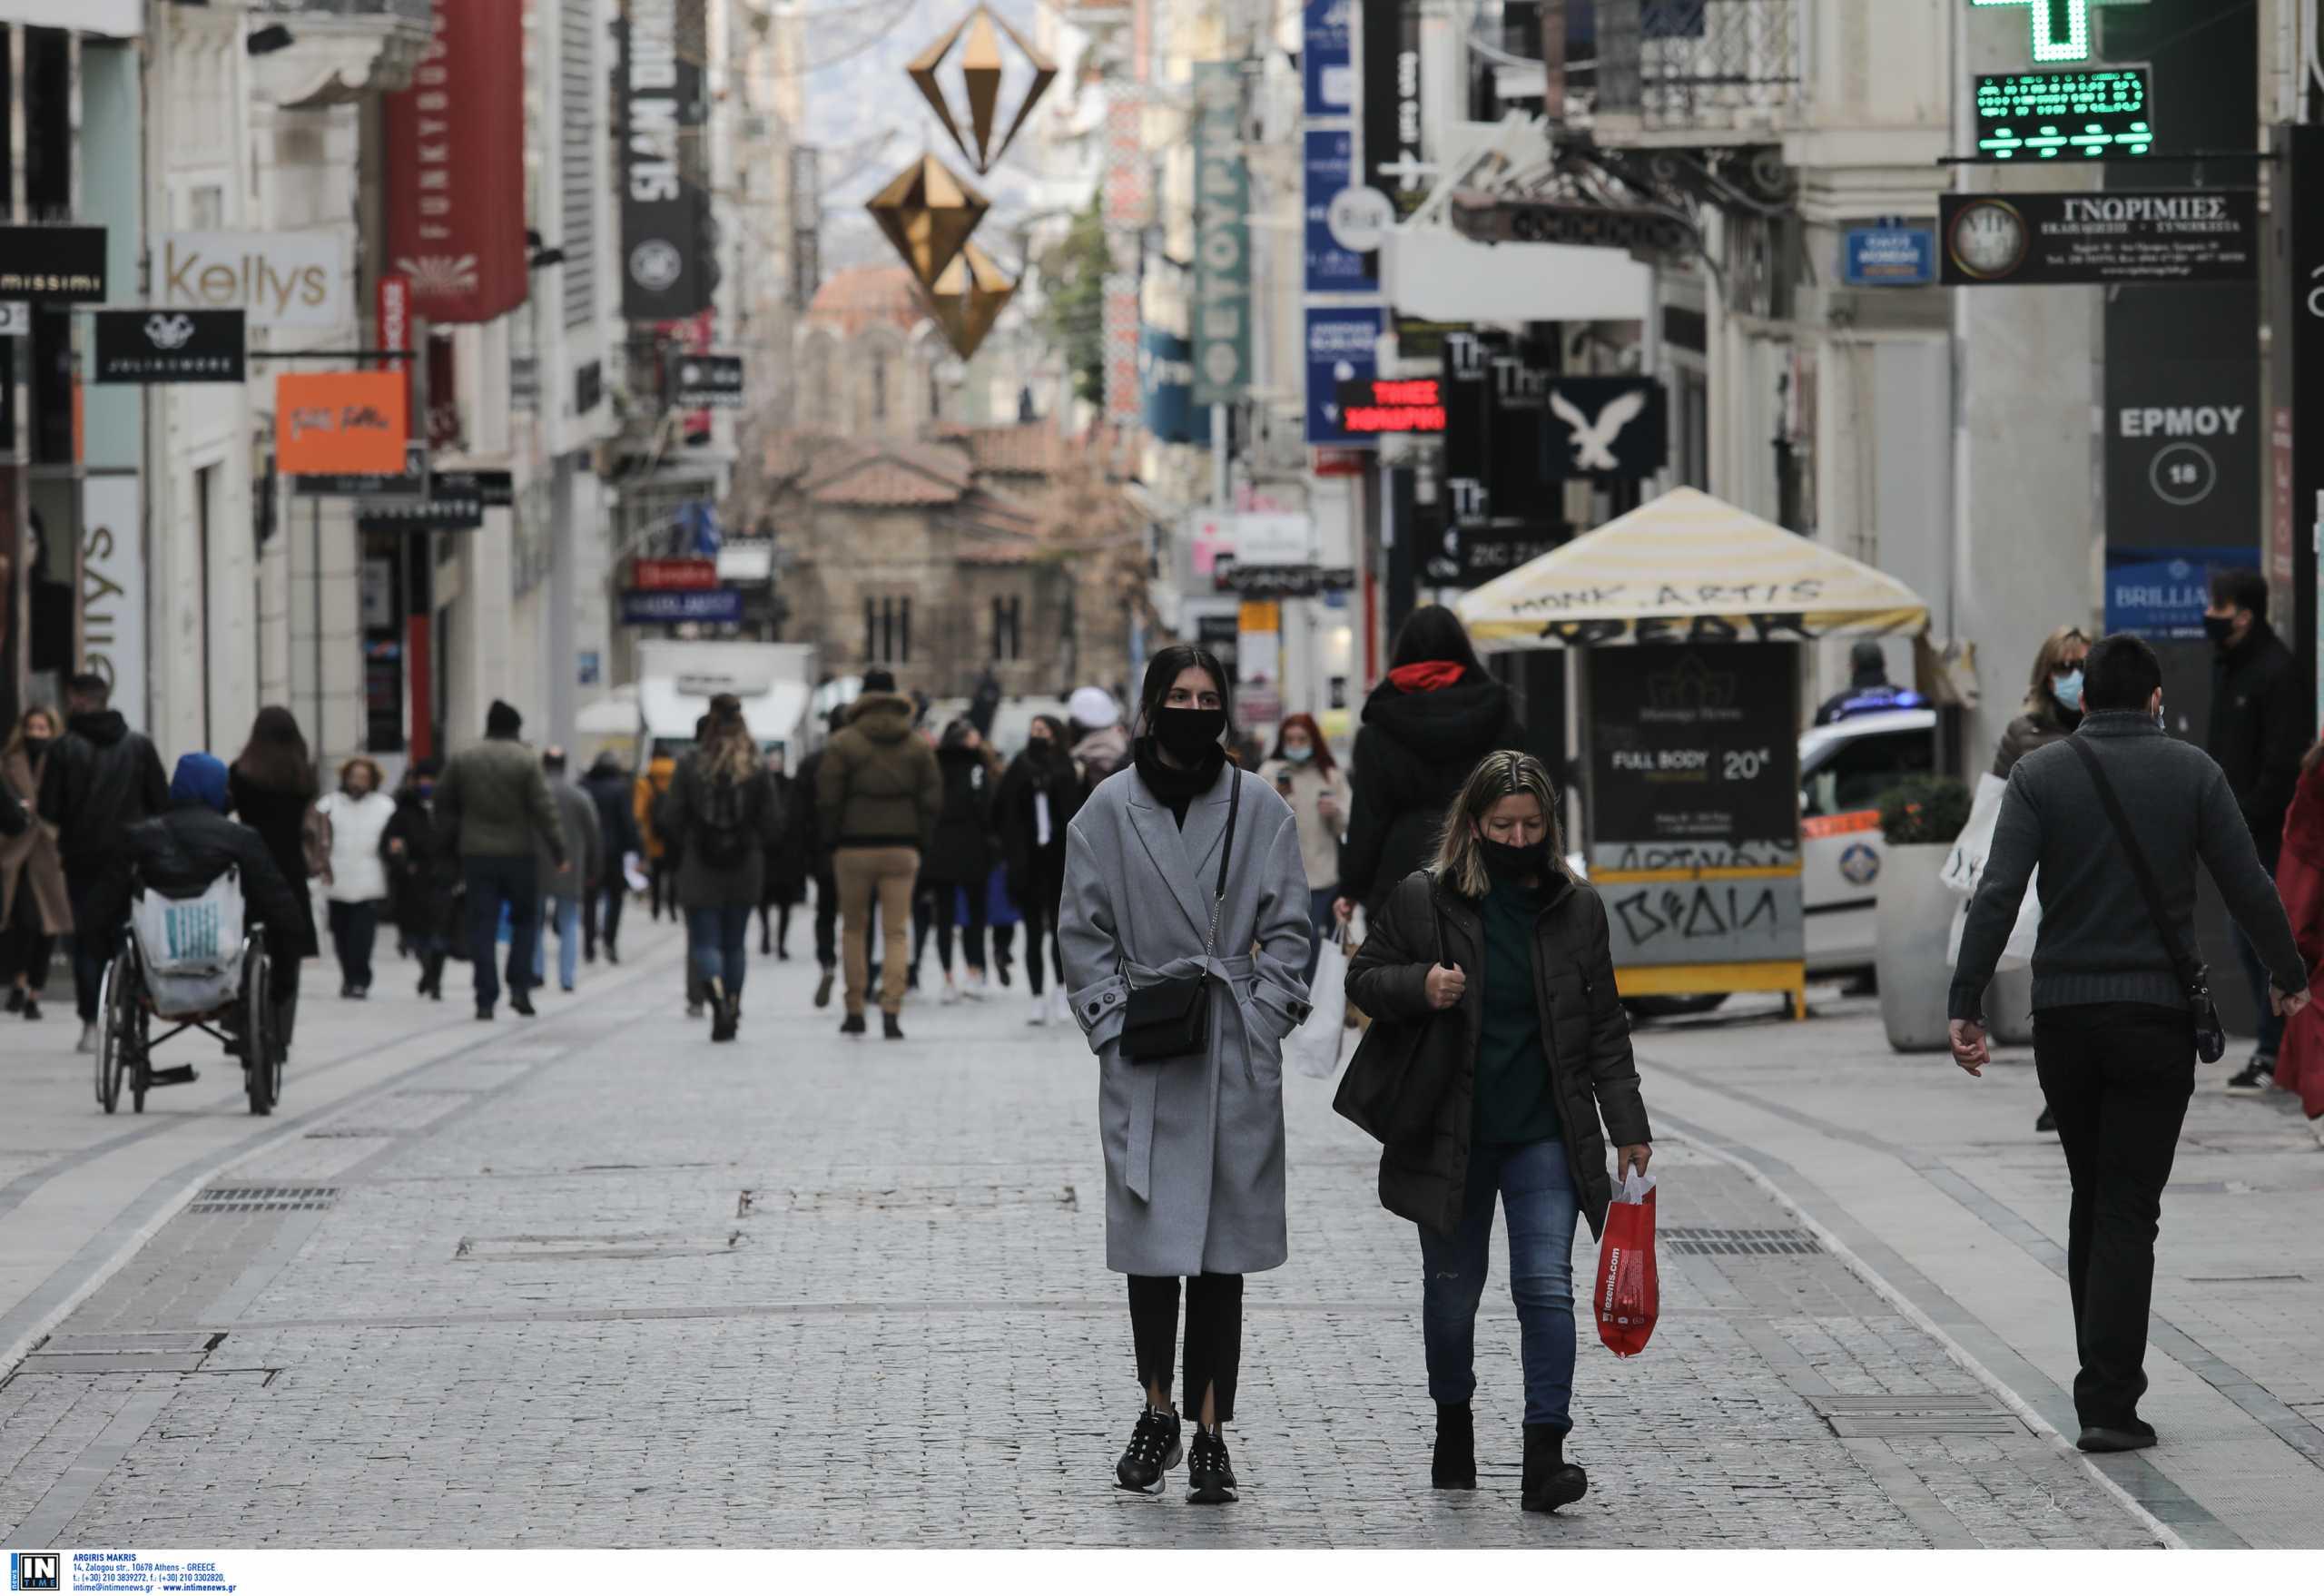 Αττική: «Βράζει» με 409 νέα κρούσματα – Πάνω από 100 στο κέντρο της Αθήνας